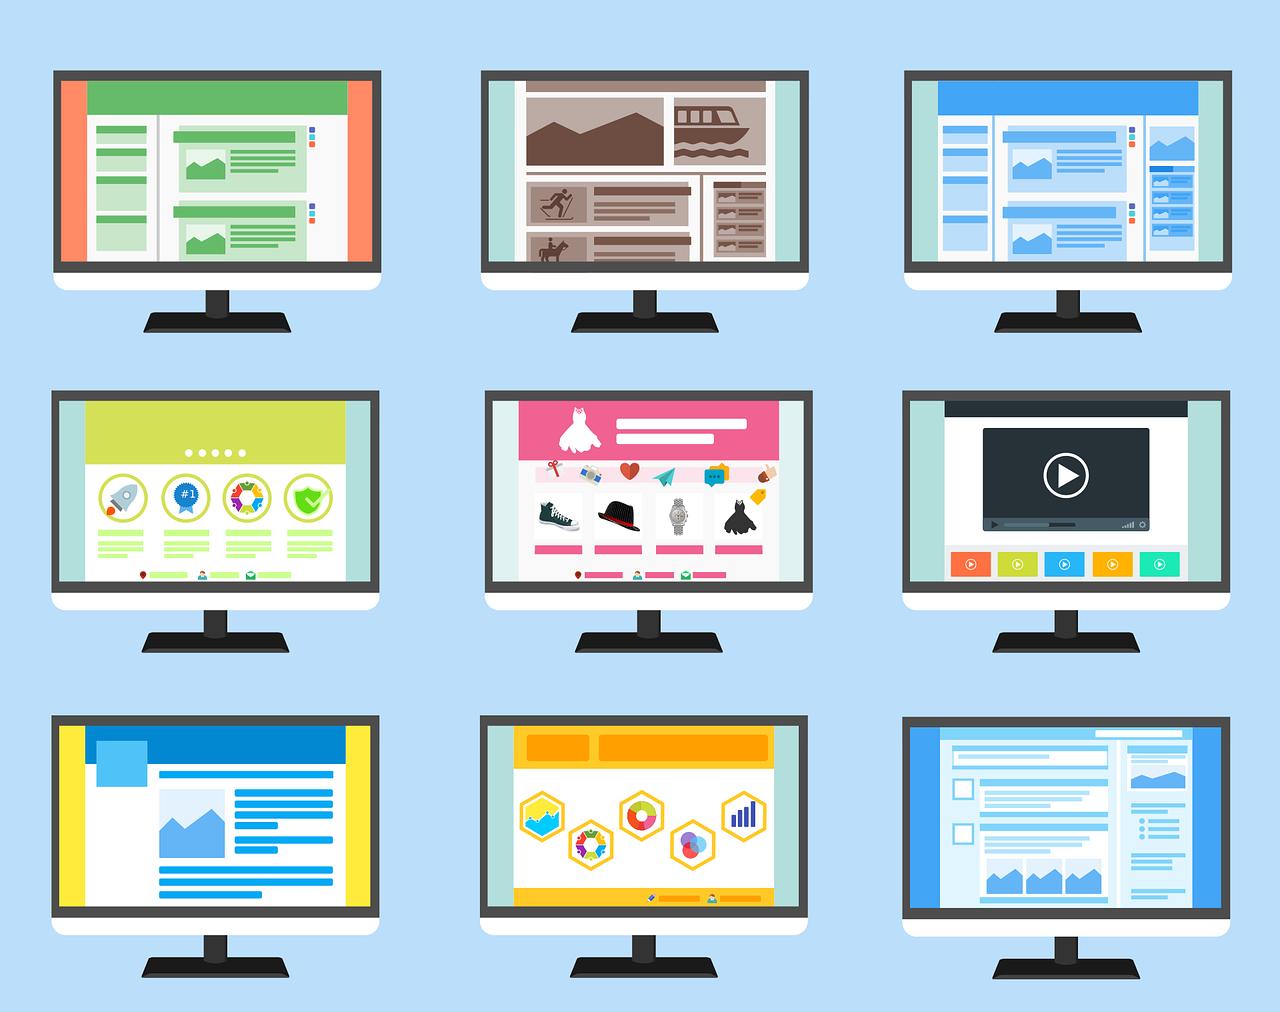 De fleste firmaer har en blogg, men hva har de lastet opp på den?